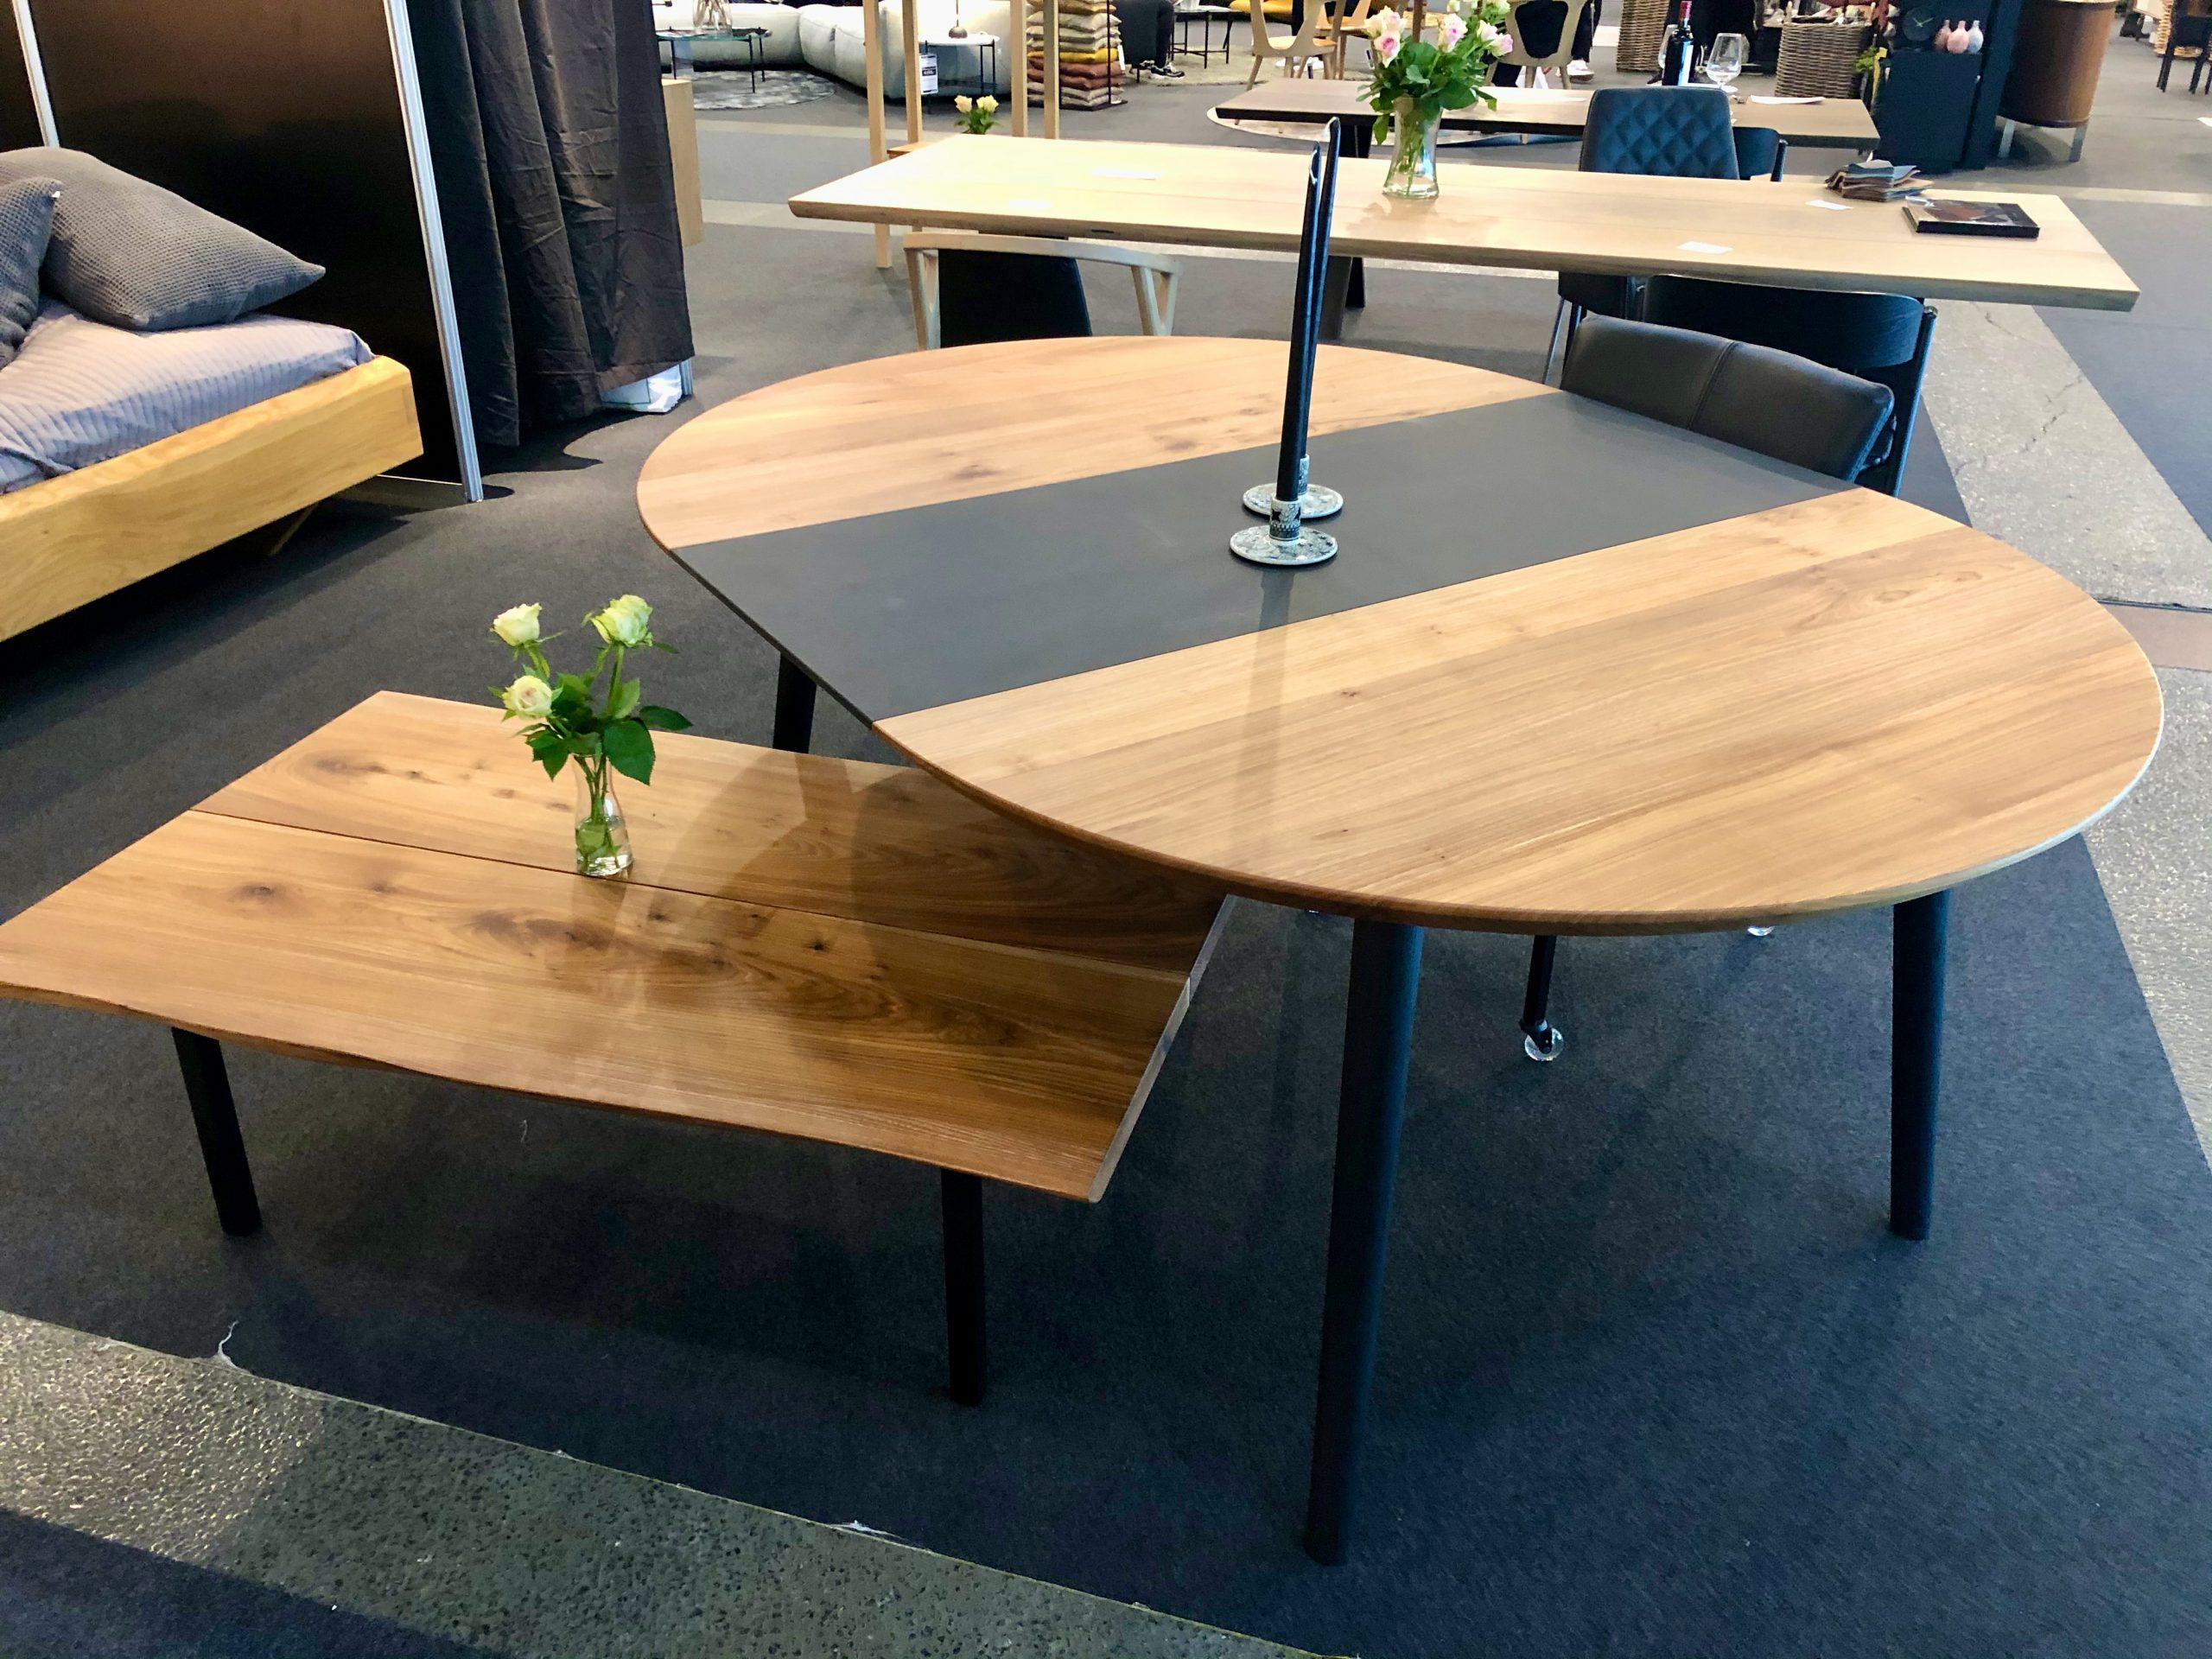 Rundt plankebord i elmetrae 2021 kaerbygaard 2021 med udtryk og 2 tillaegsplader inkl mette spisebordsstole 3 scaled